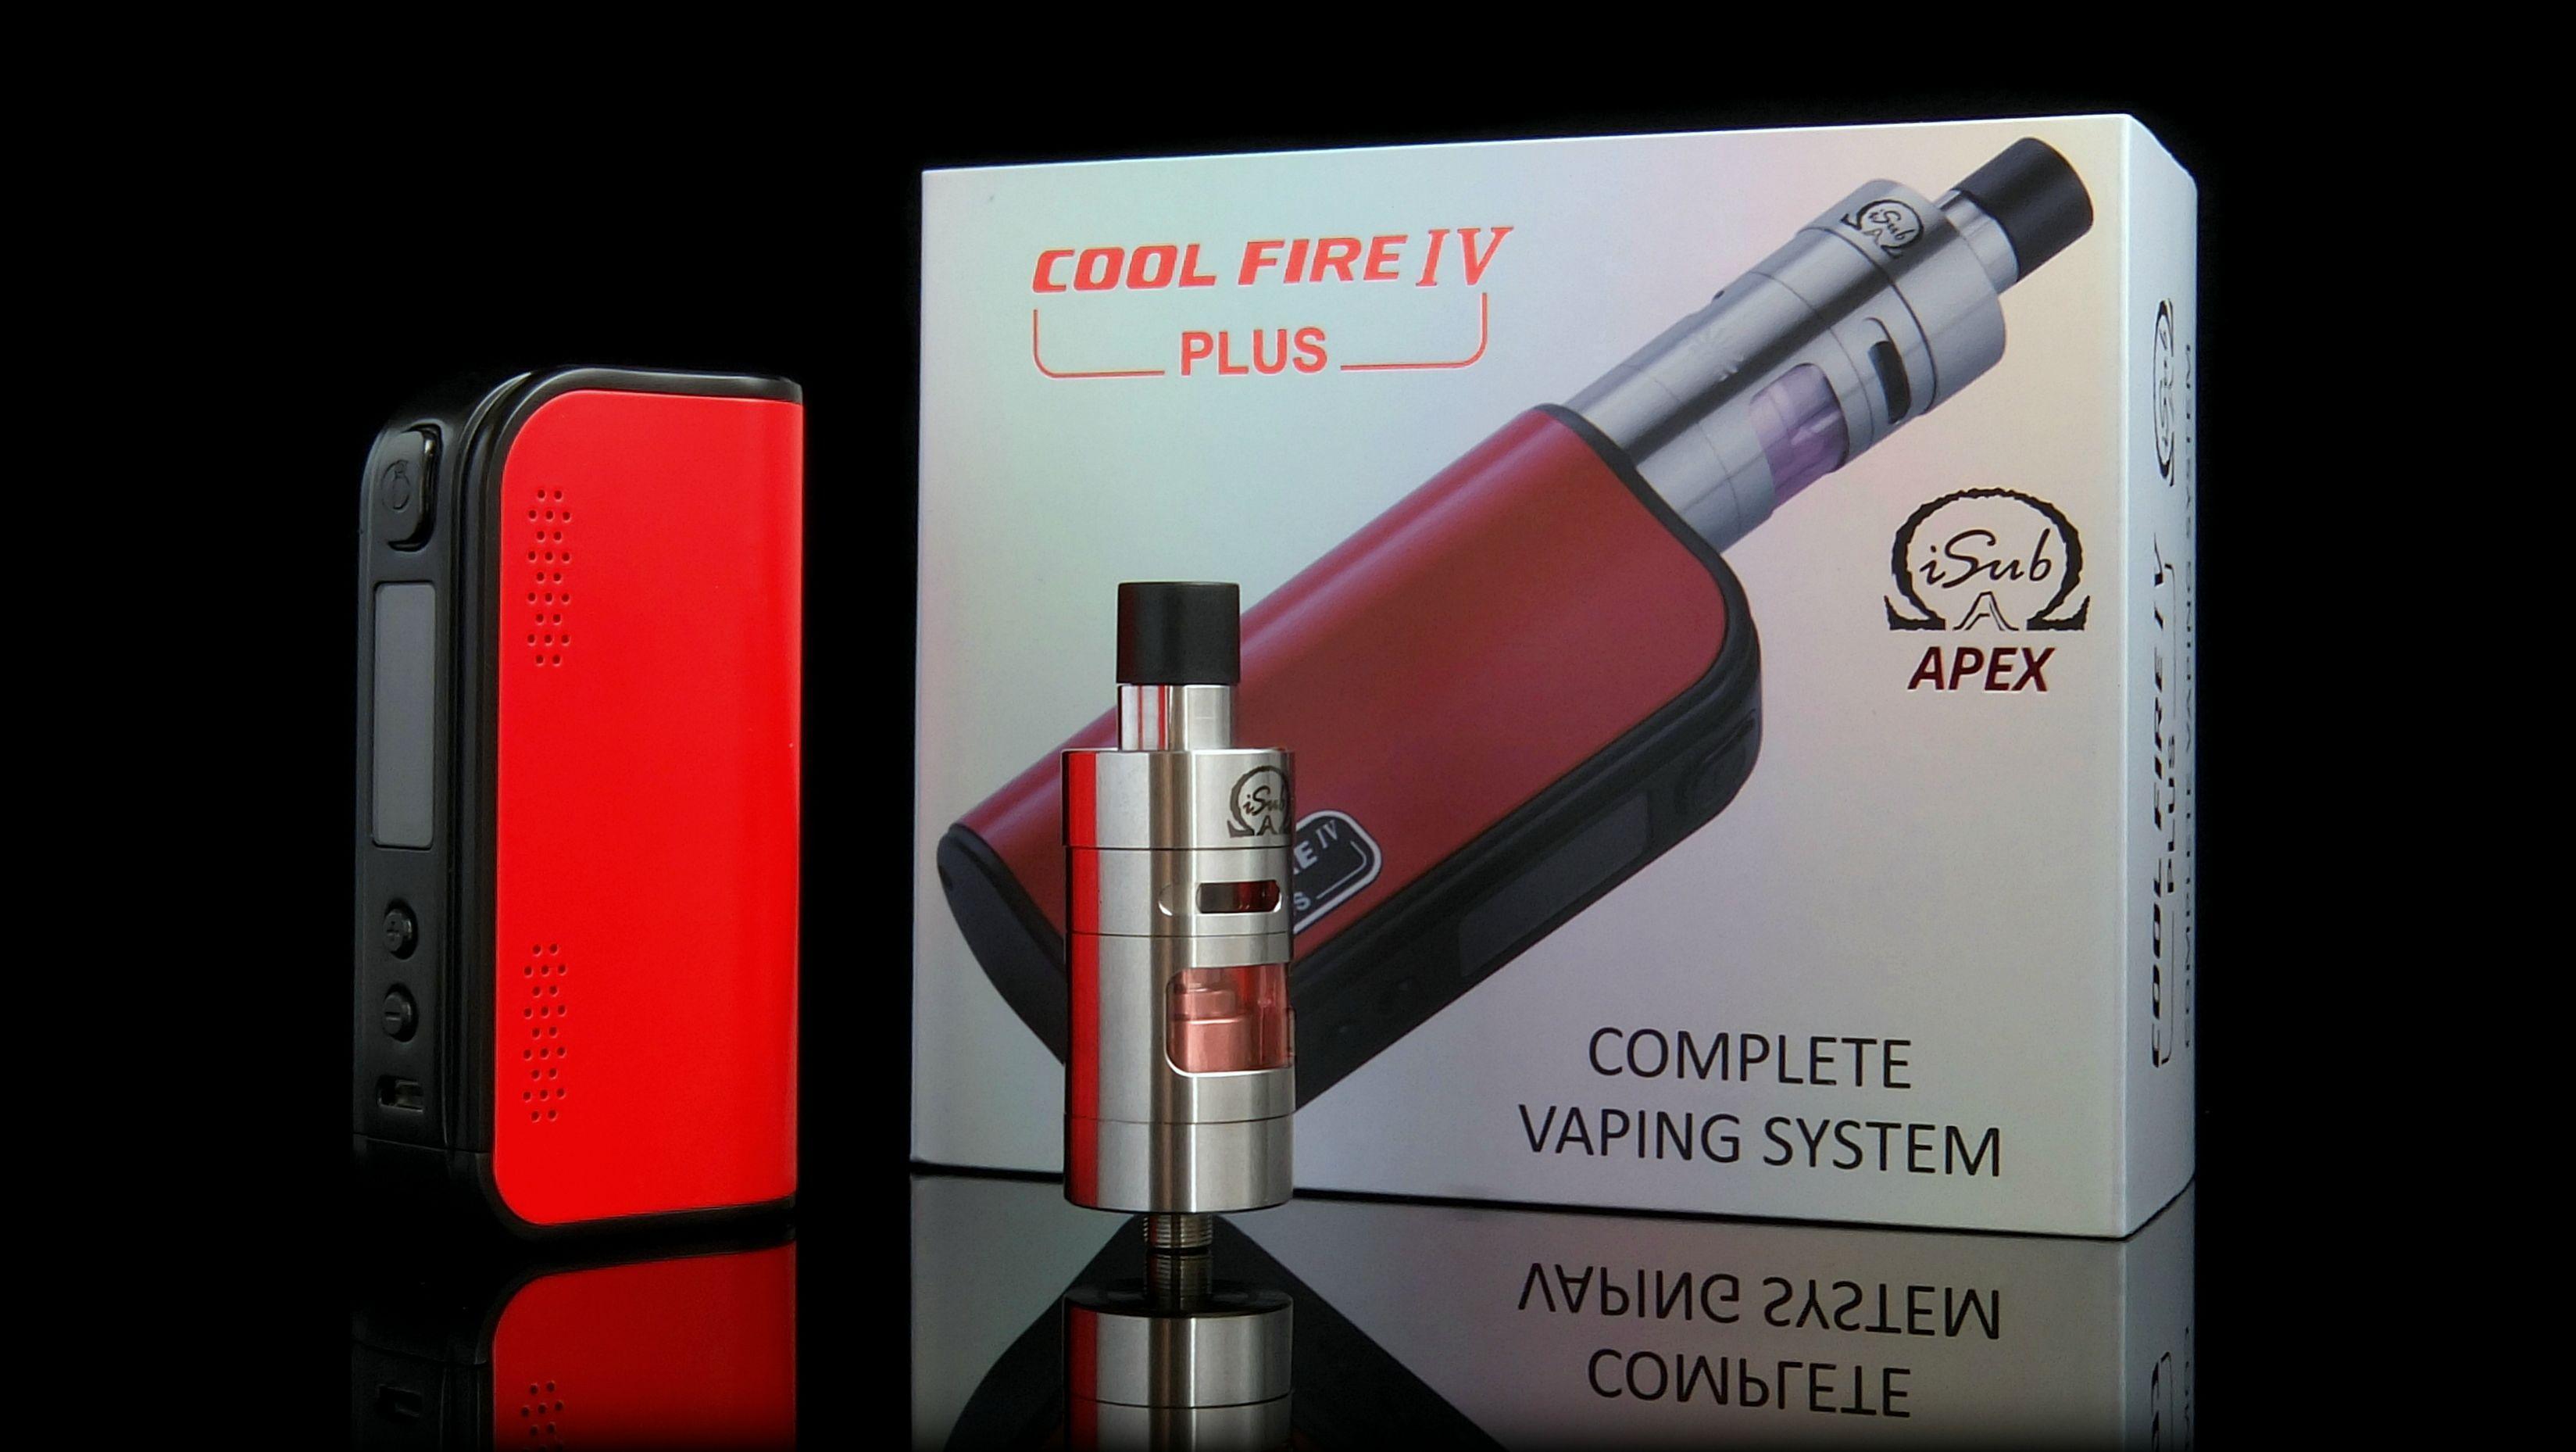 coolfire 4 plus innokin + Apex